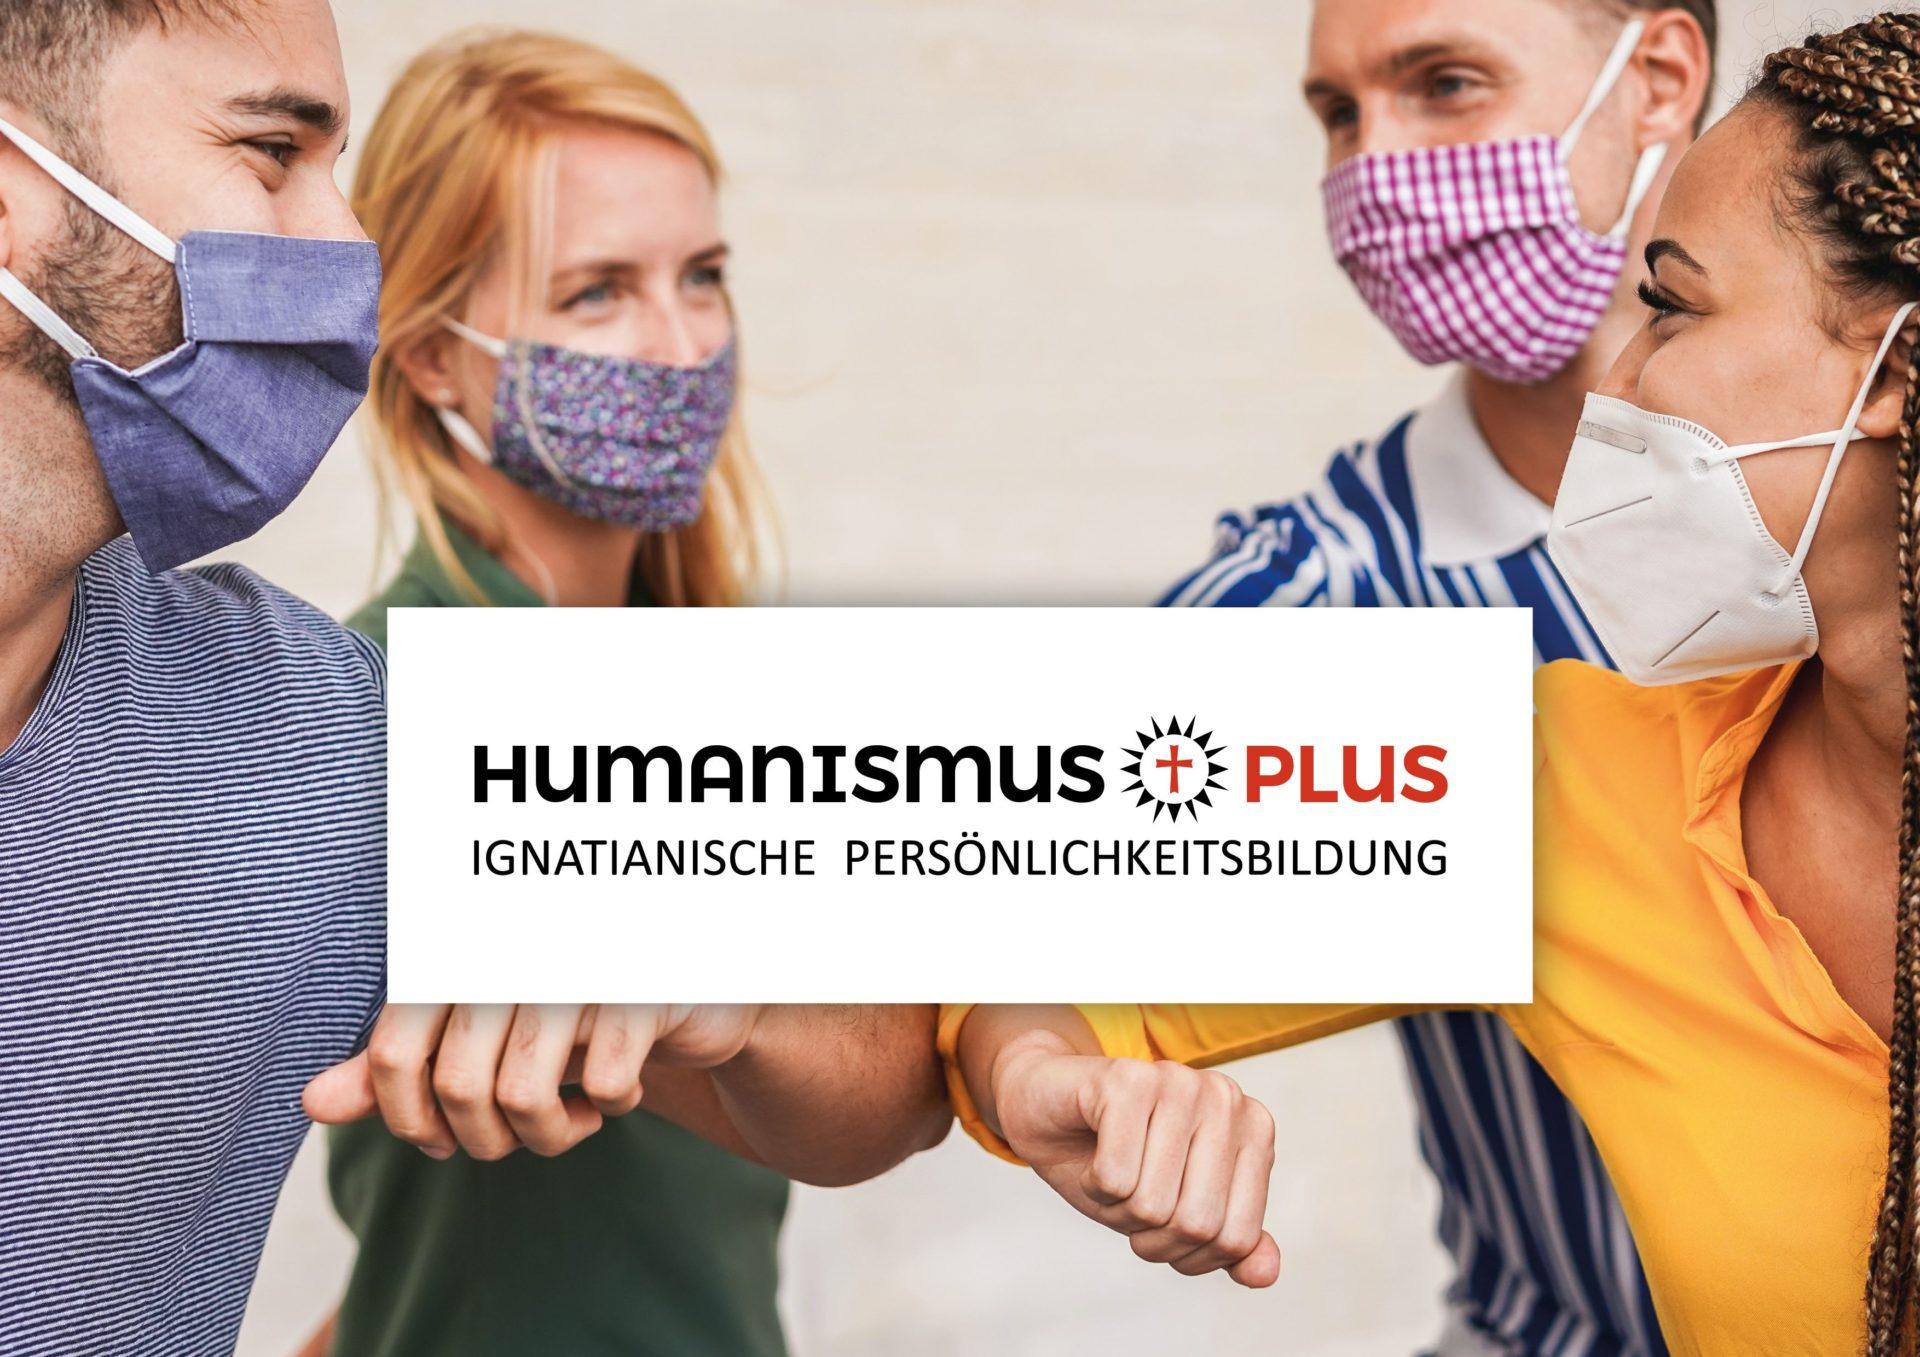 HumanismusPlus ZIP